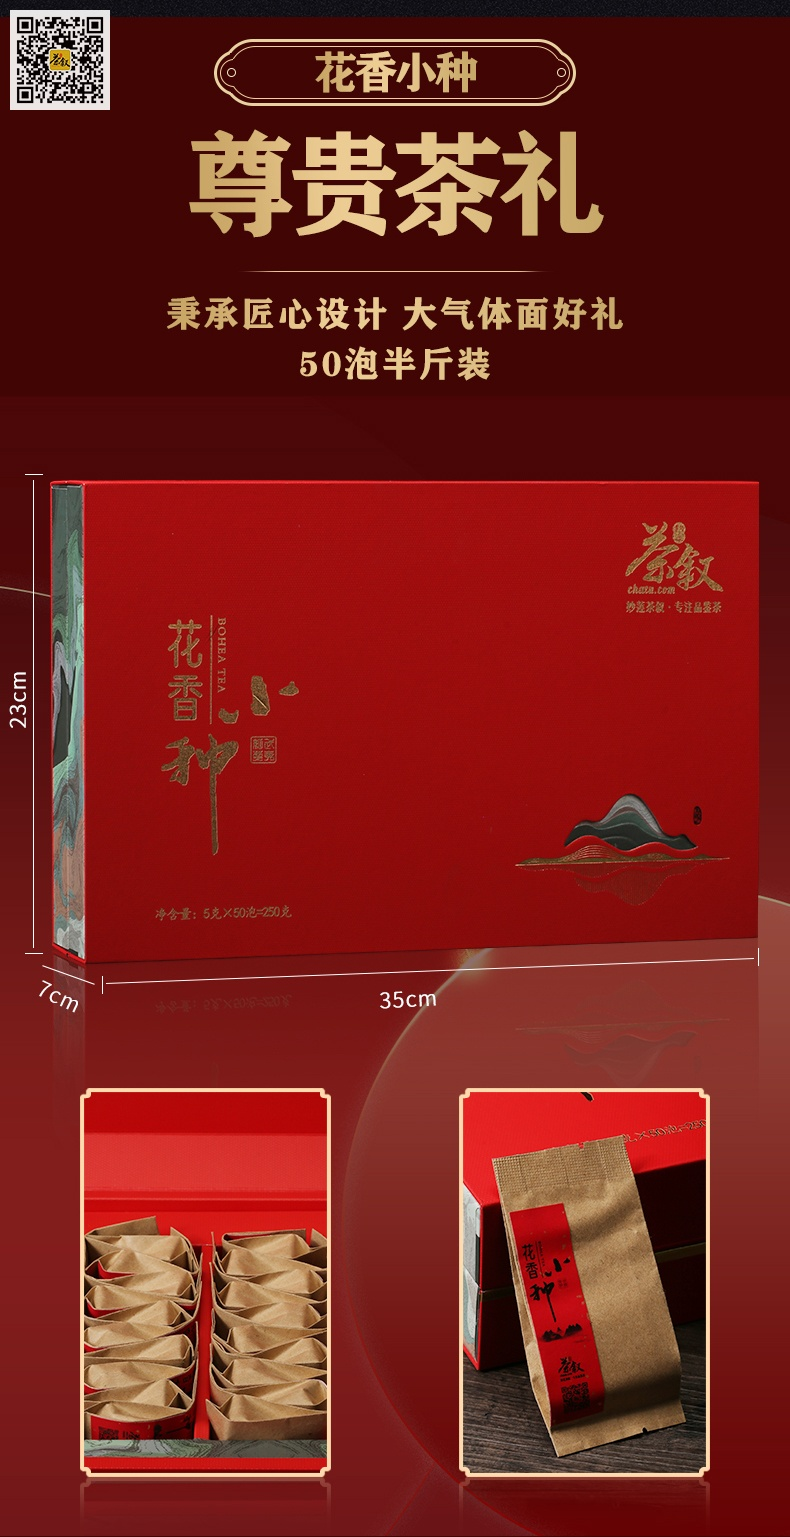 伴手礼茶花香小种红茶-礼盒尺寸介绍图